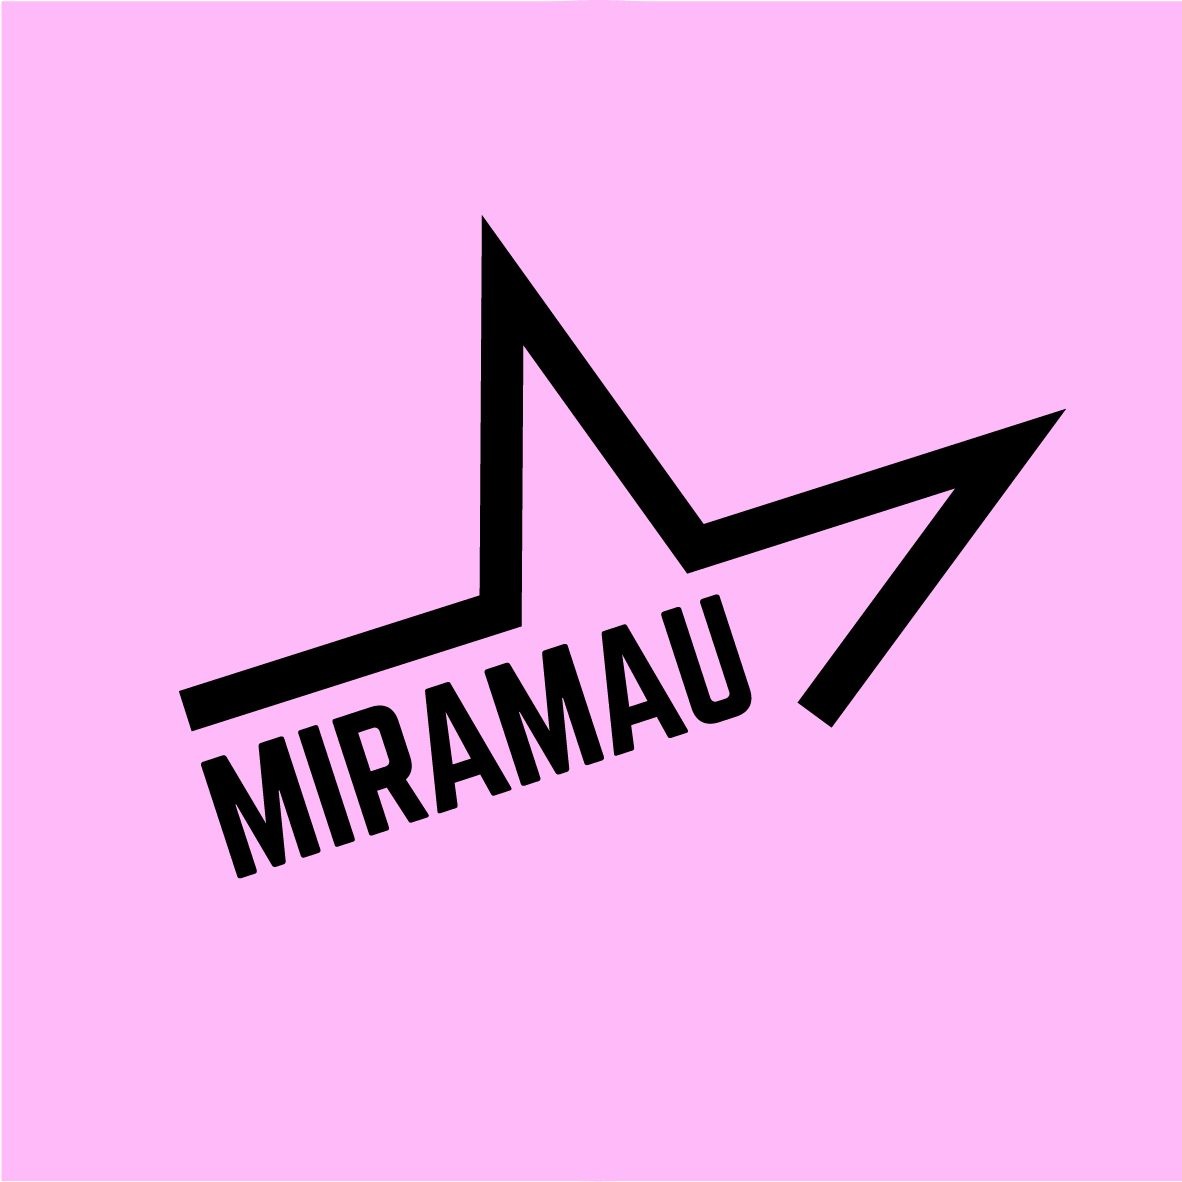 Miramau